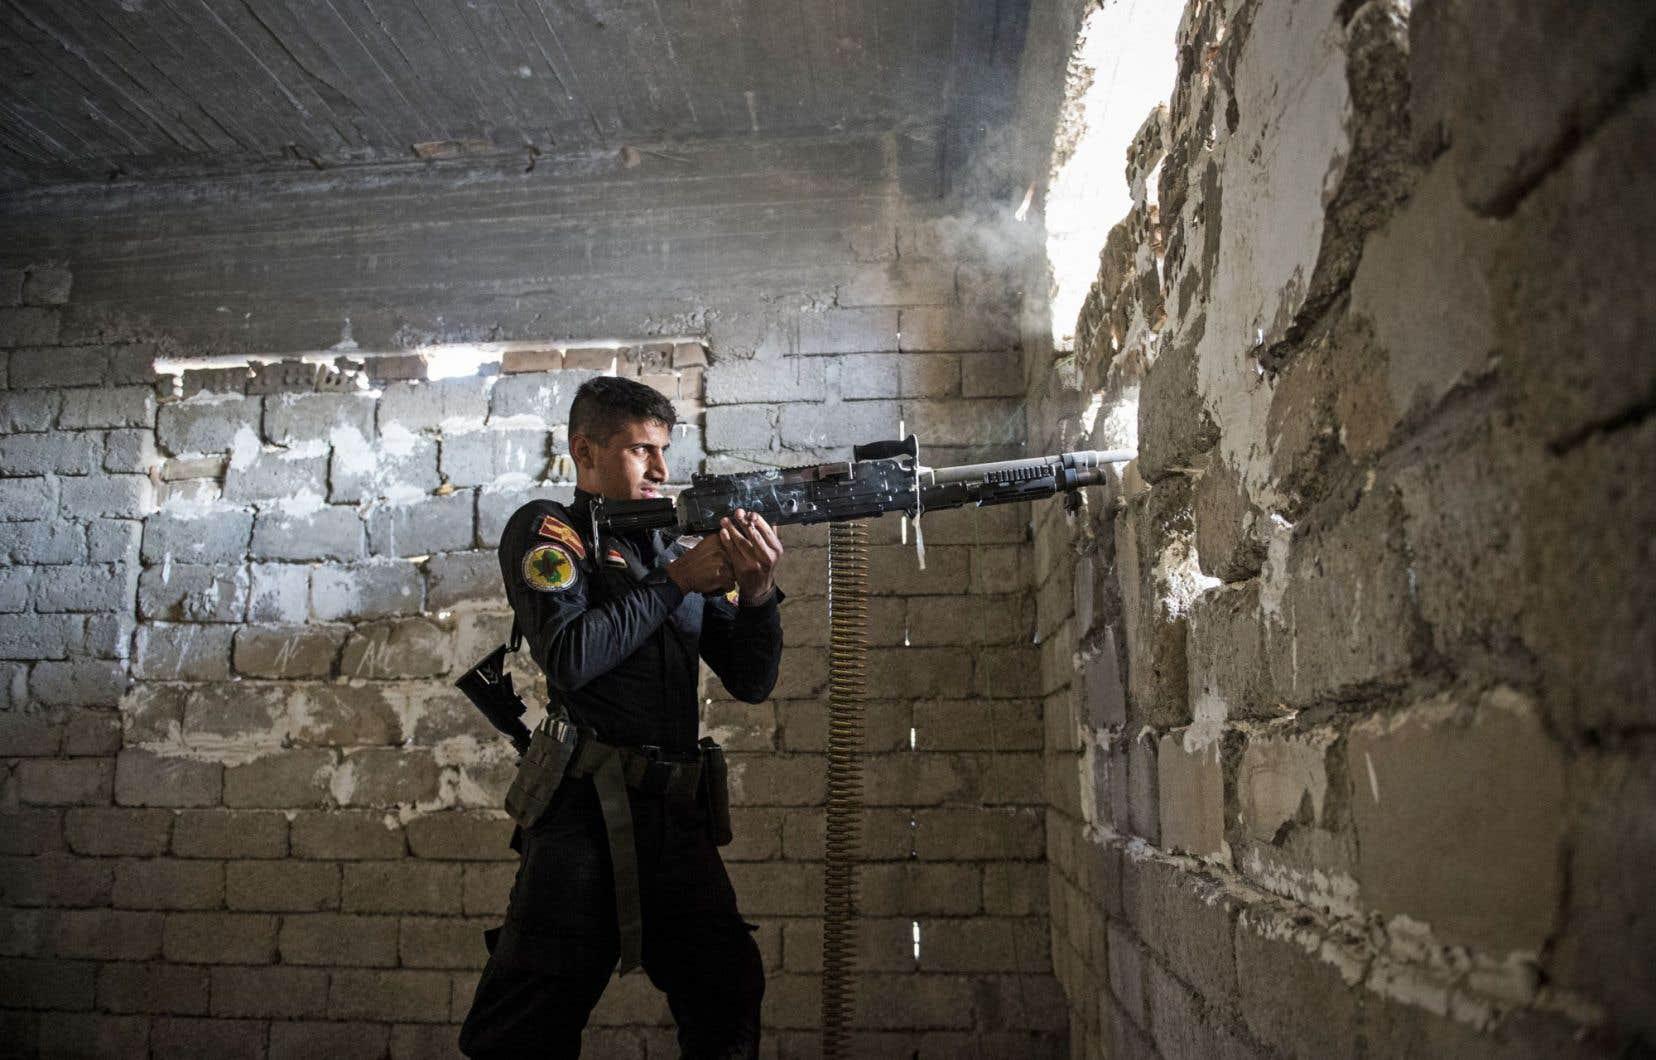 Les forces irakiennes ont lancé leur offensive le 17octobre pour chasser les djihadistes de Mossoul, deuxième ville de l'Irak dont ils se sont emparés en juin2014.